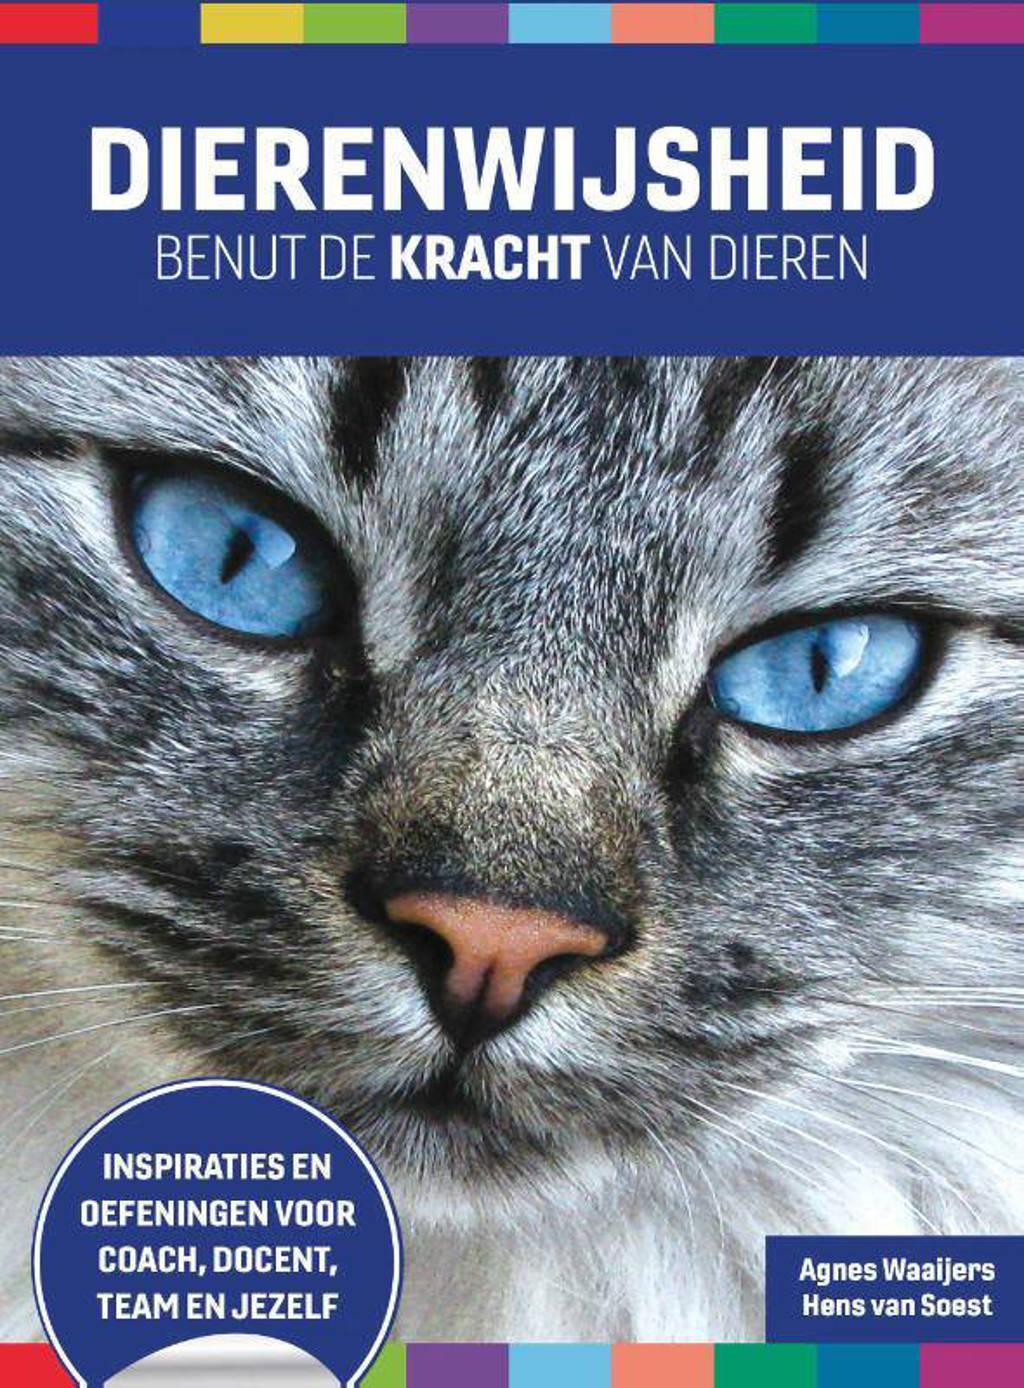 Dierenwijsheid - Agnes Waaijers en Hens Van Soest